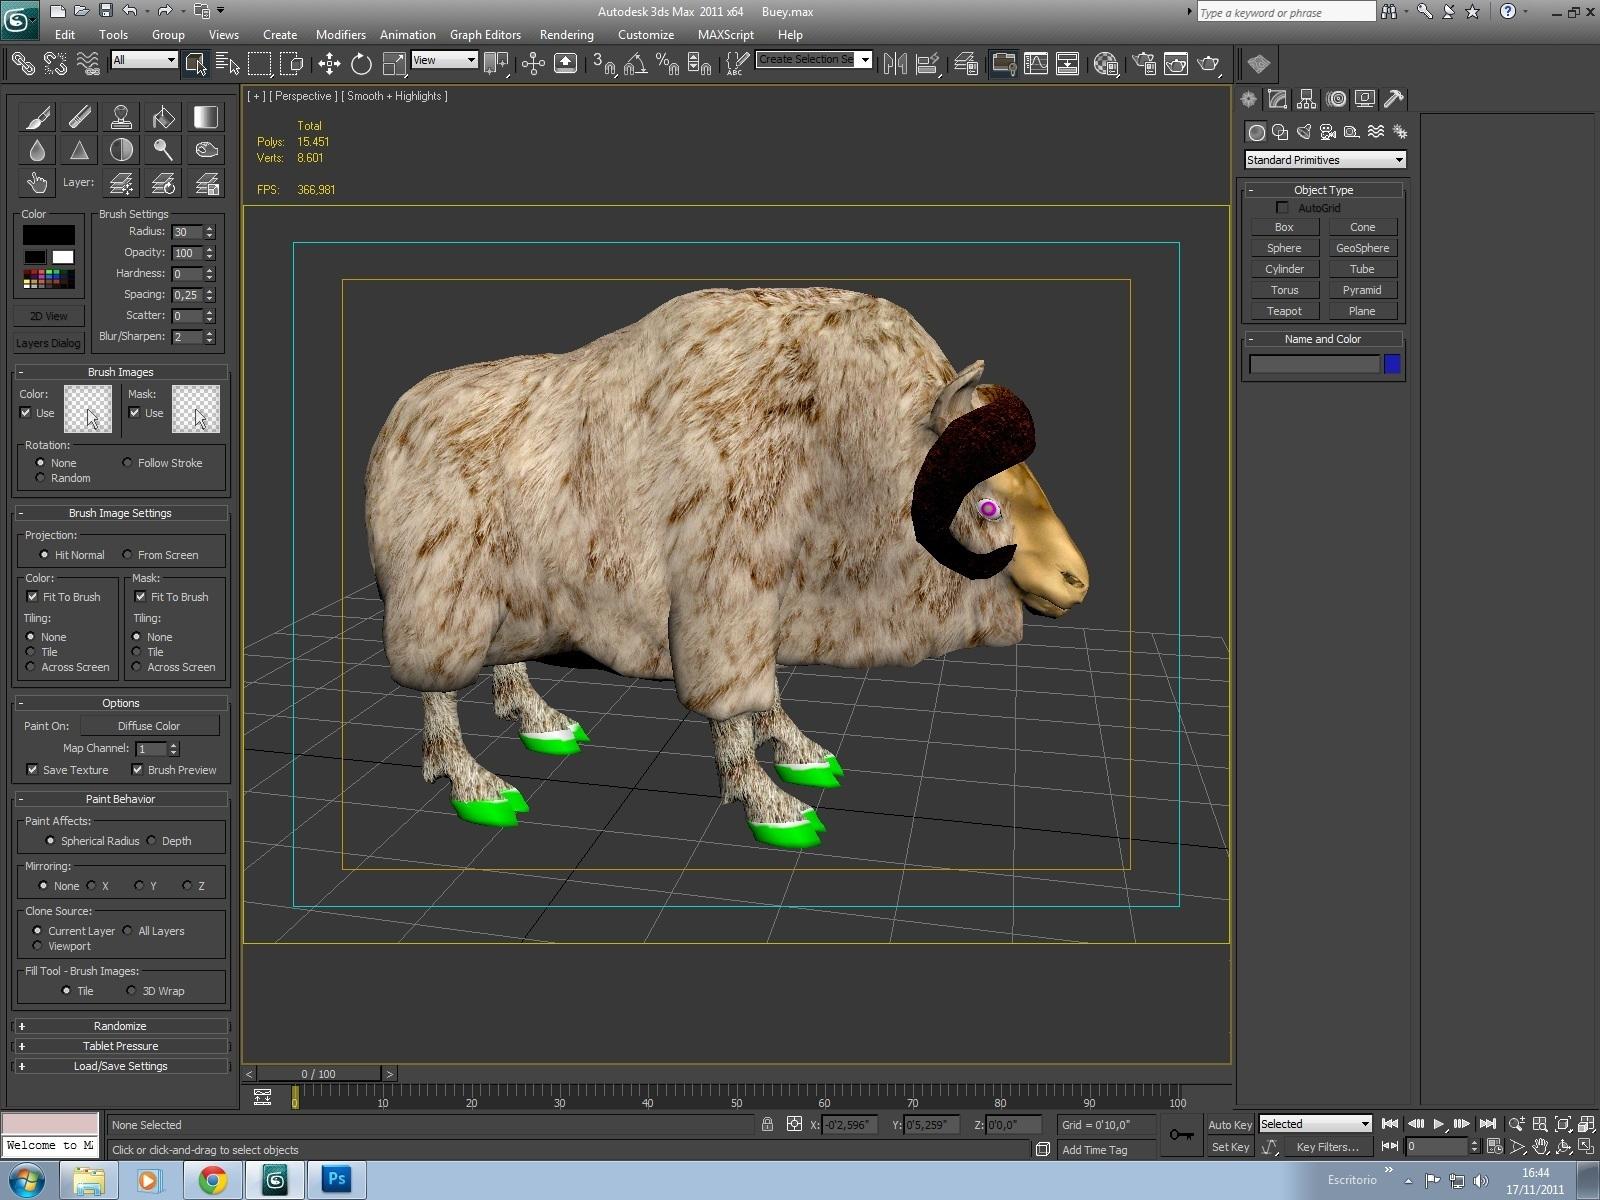 Problema al editar texturas en viewport canvas-1.jpg